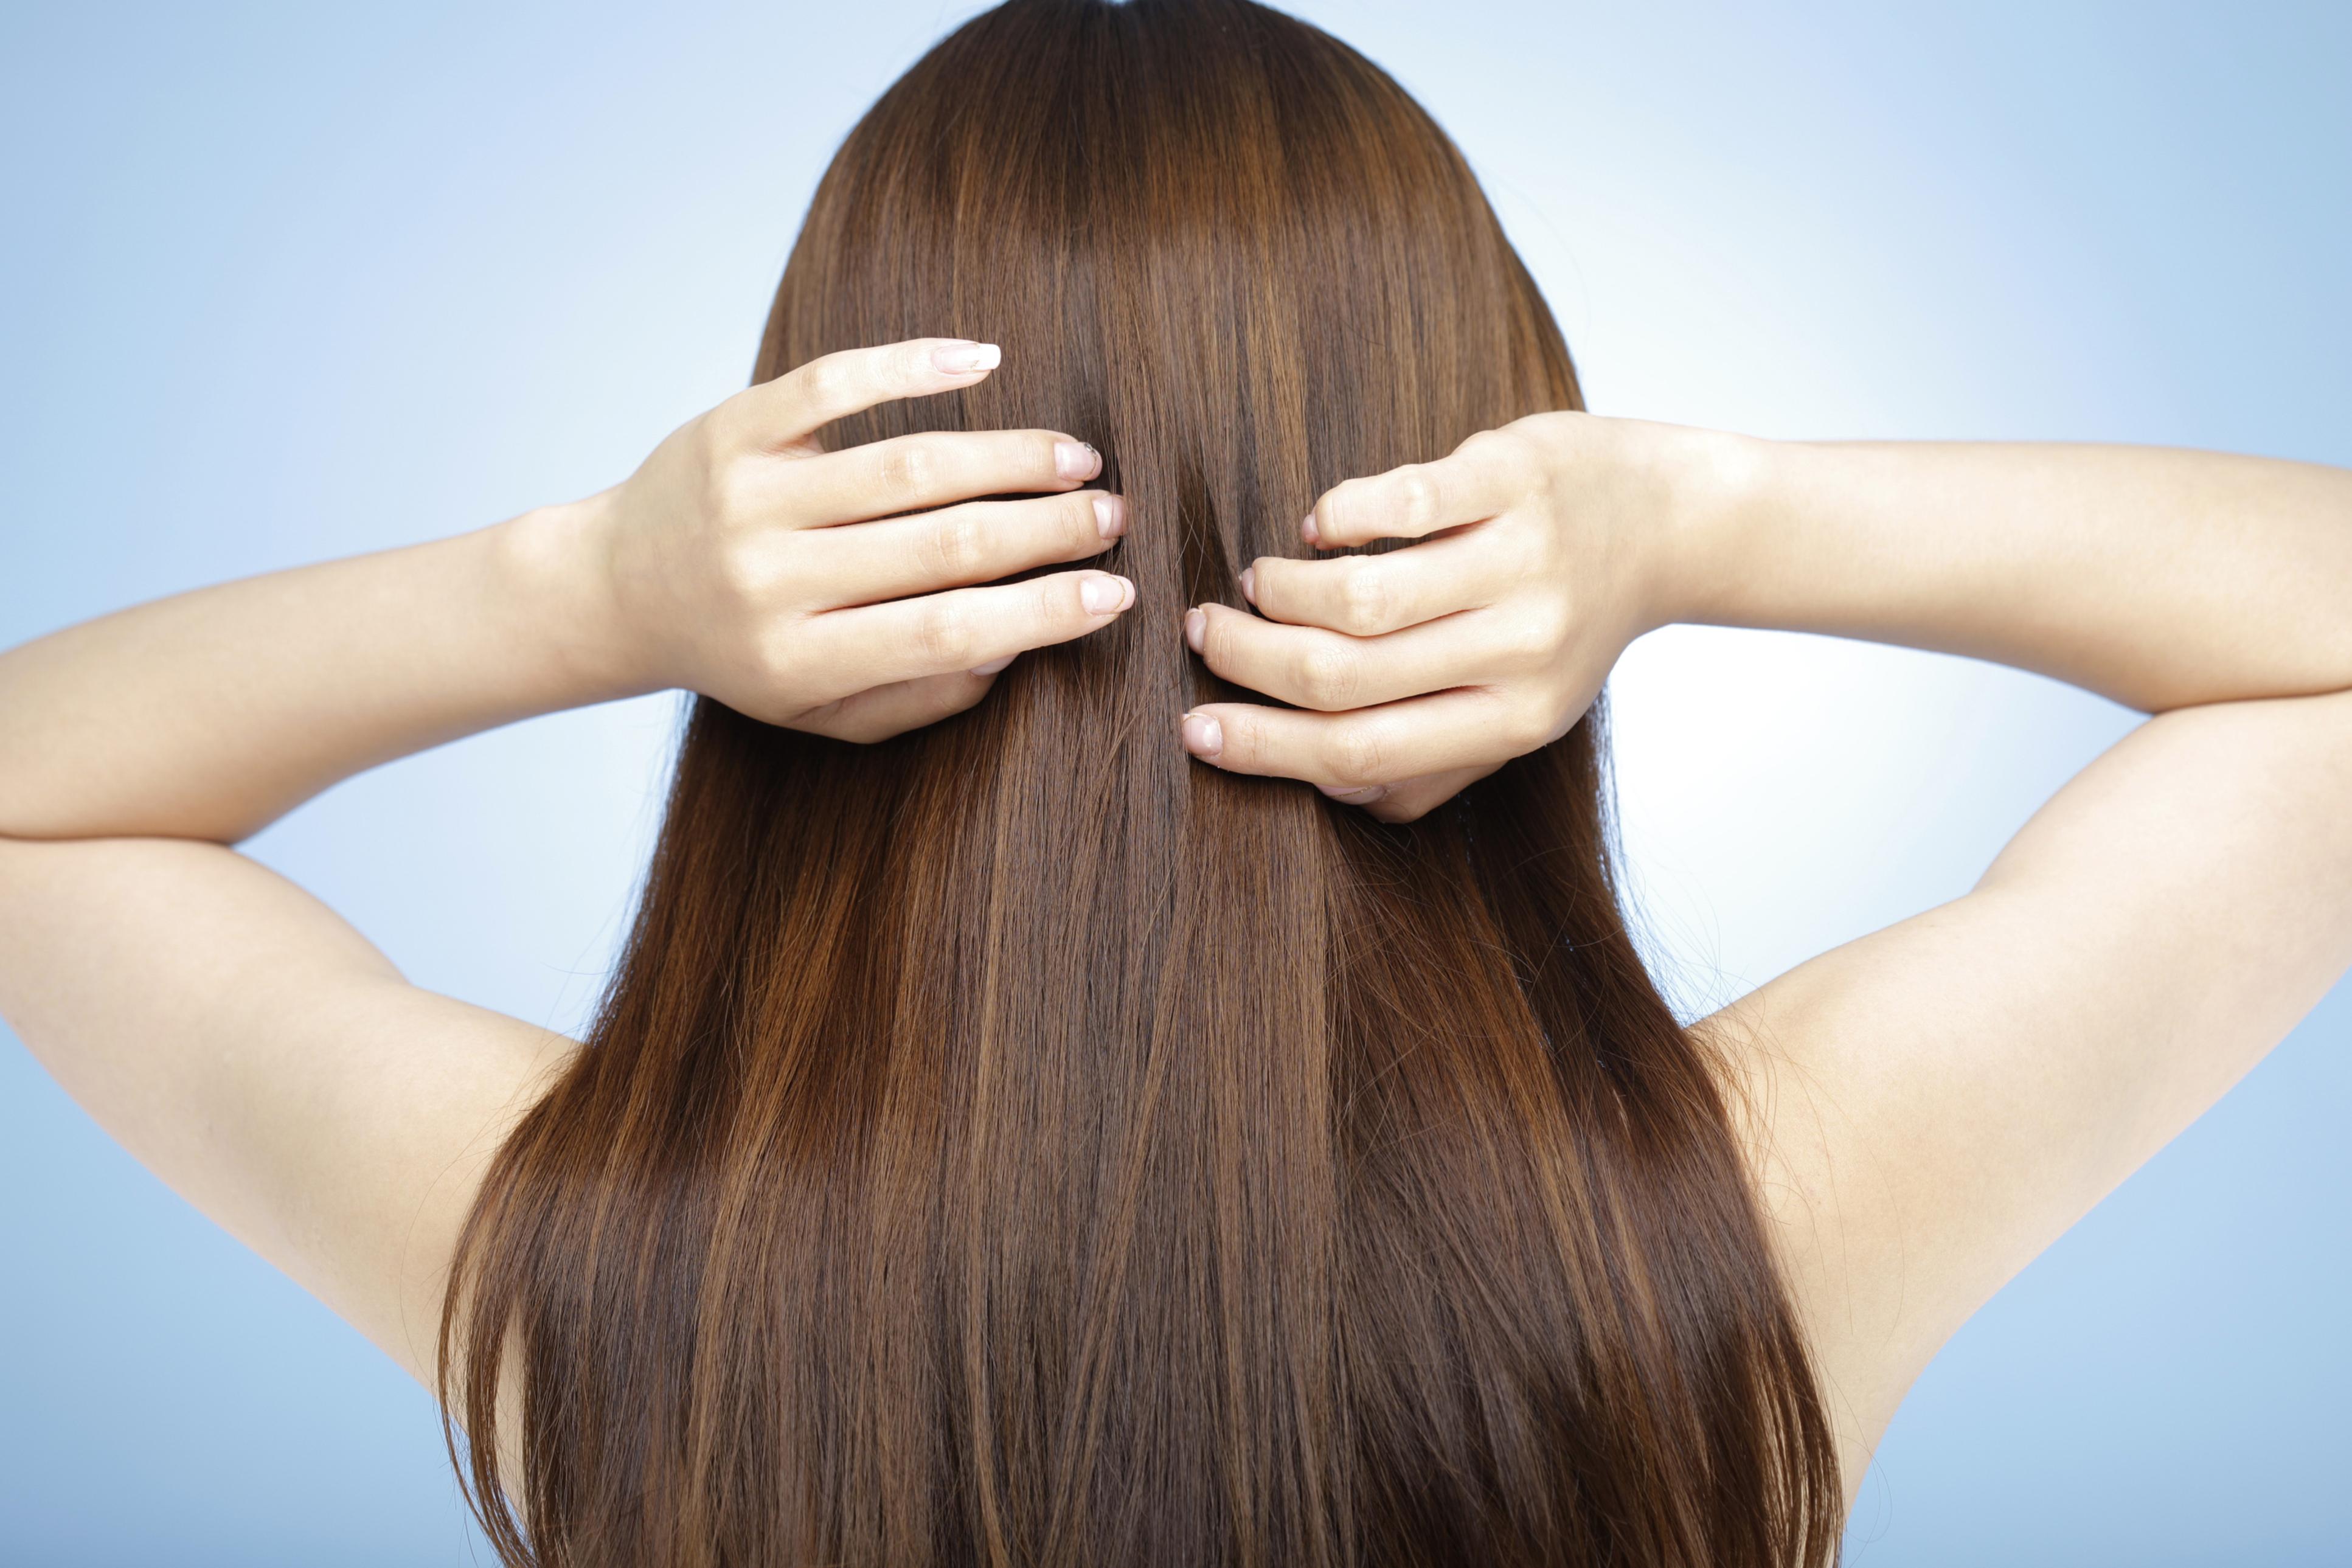 La tinta per capelli può far male alla salute?